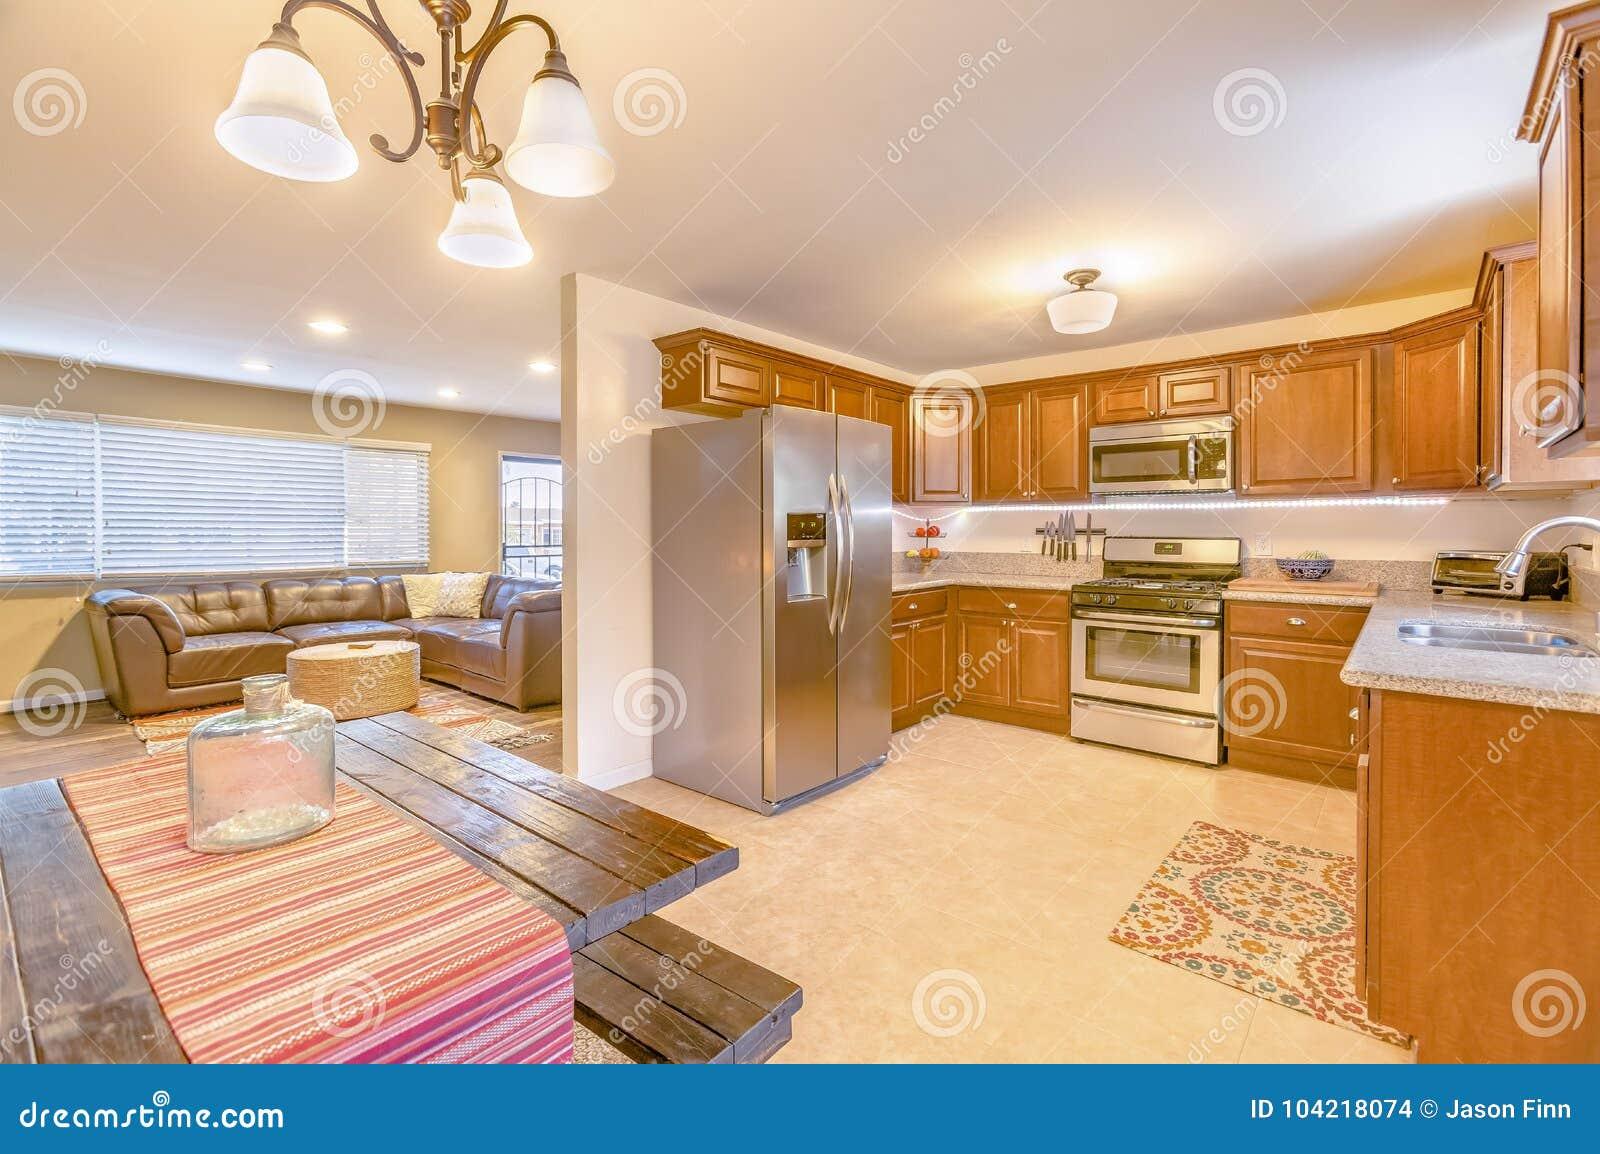 Cozinha Da Casa Modelo Em Califórnia Do Sul Pronta Para Um